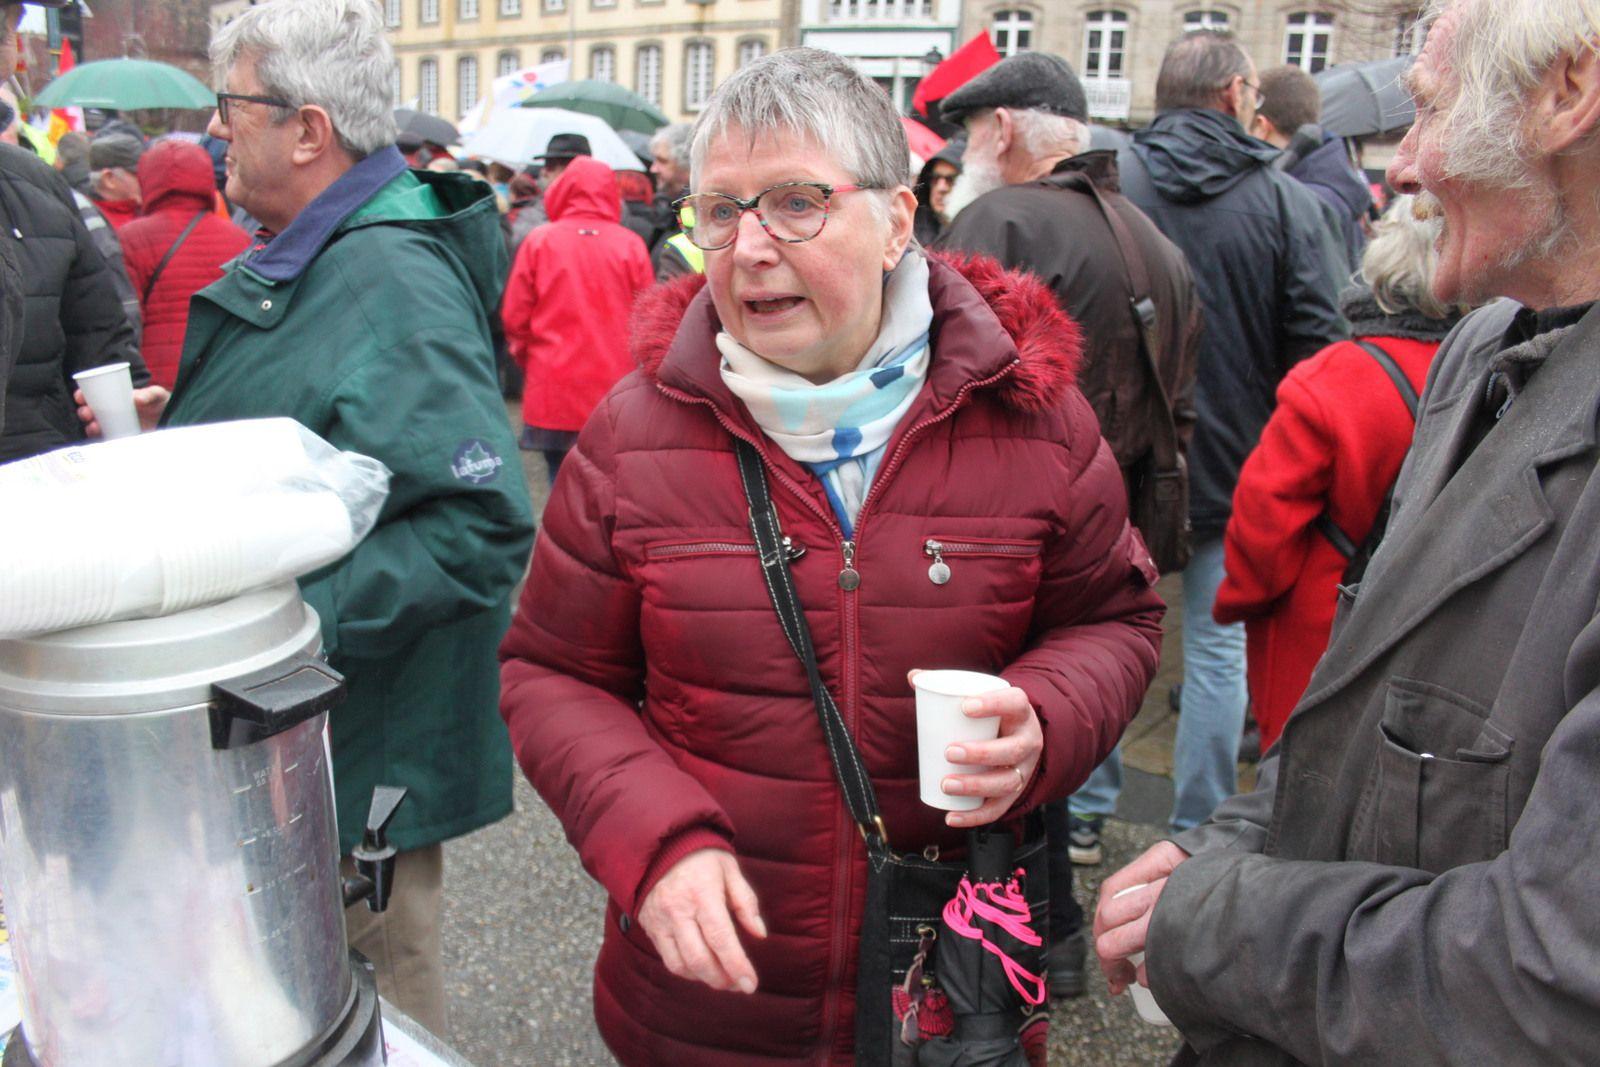 9 janvier 2020: Dans la manif contre la réforme des Retraites de Morlaix - Photos Jean-Luc Le Calvez